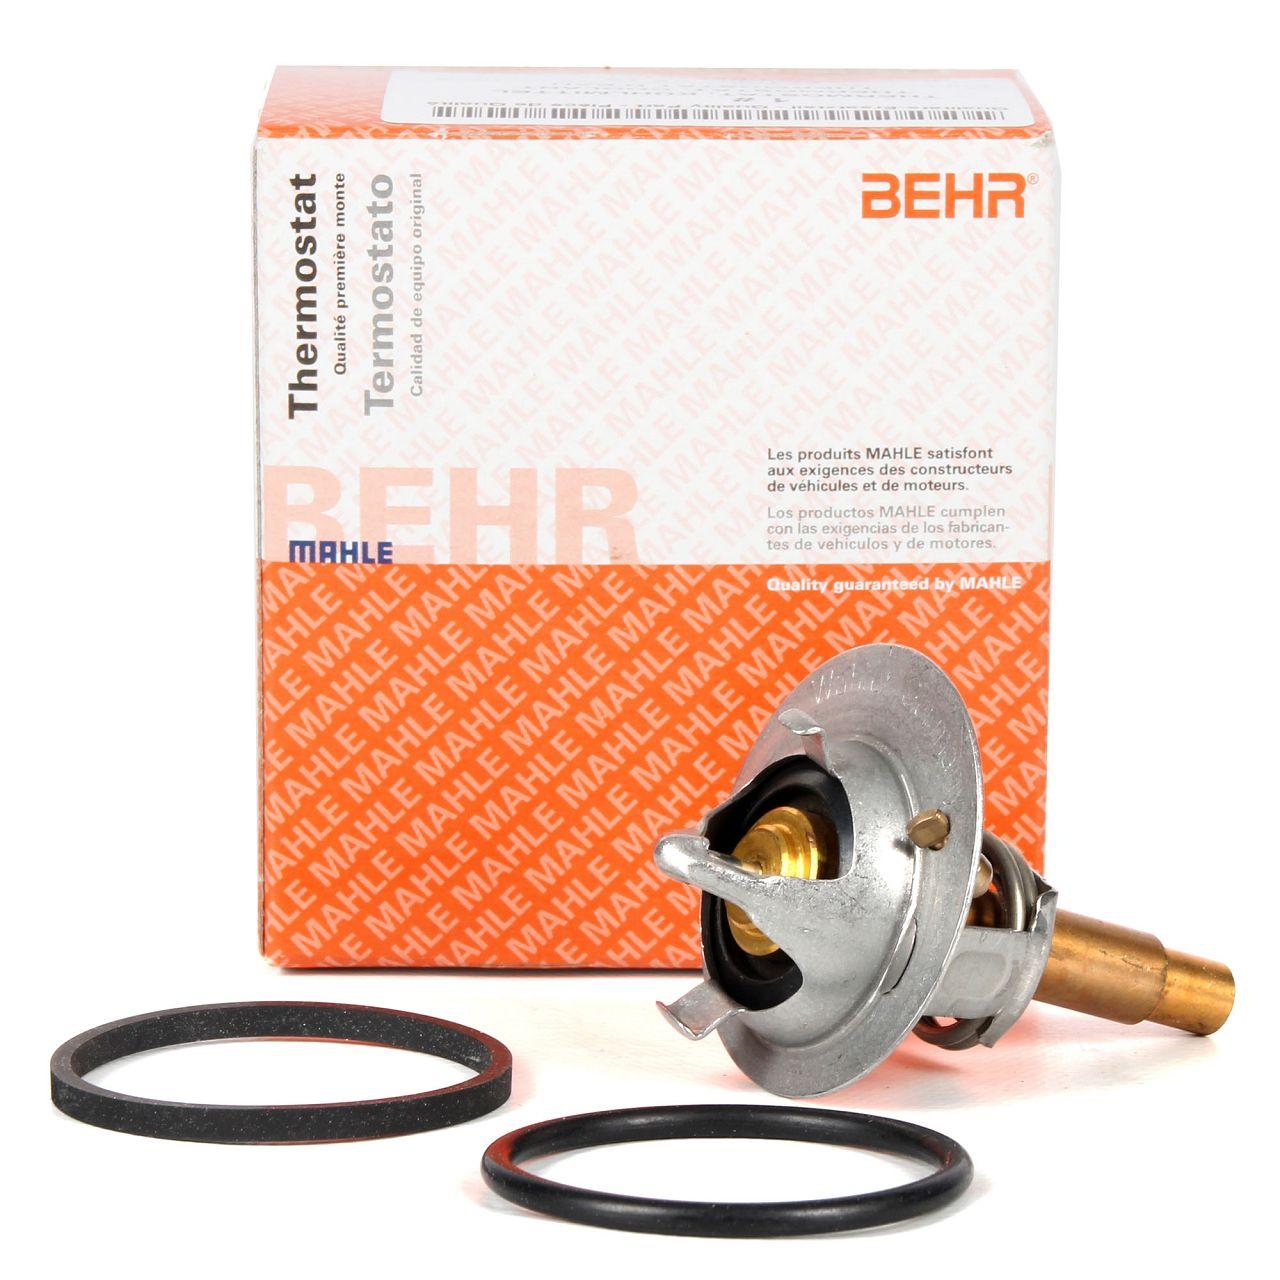 BEHR MAHLE TX10690D Thermostat MERCEDES M271 180-230 Kompressor 271002030575